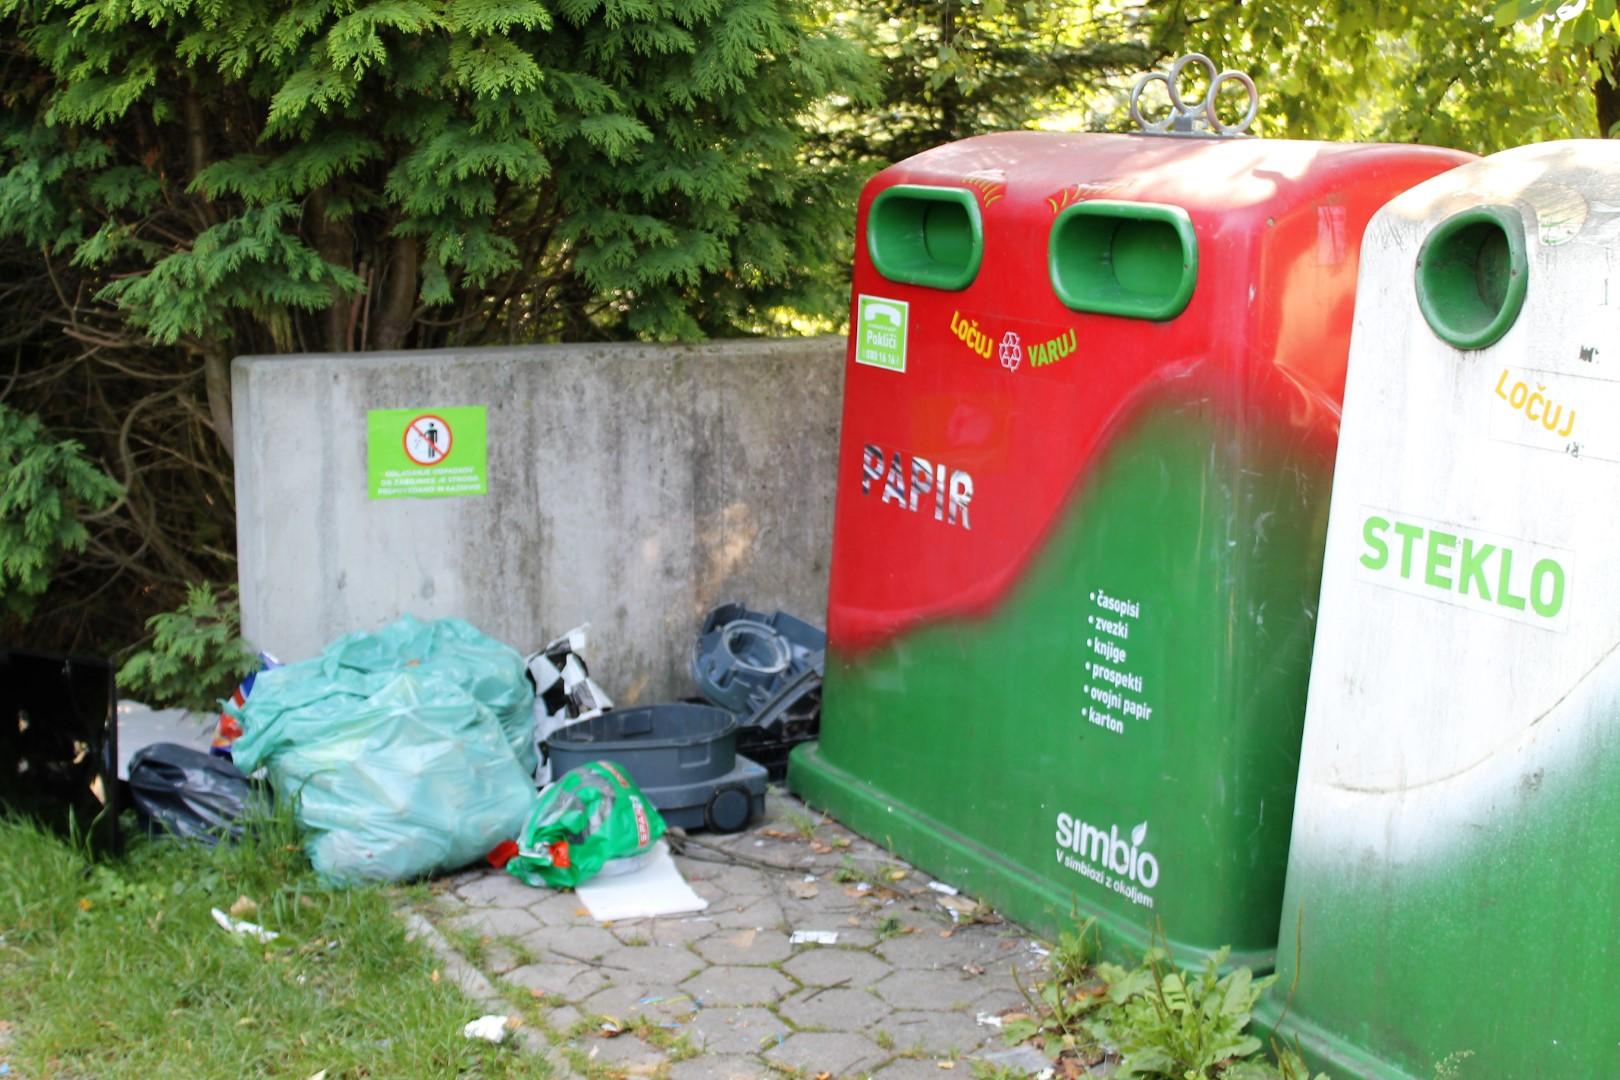 Čeprav je zbirni center Bukovžlak blizu, je nekdo odvrgel sesalnik in druge kosovne odpadke na eko otok v Šentjurju.